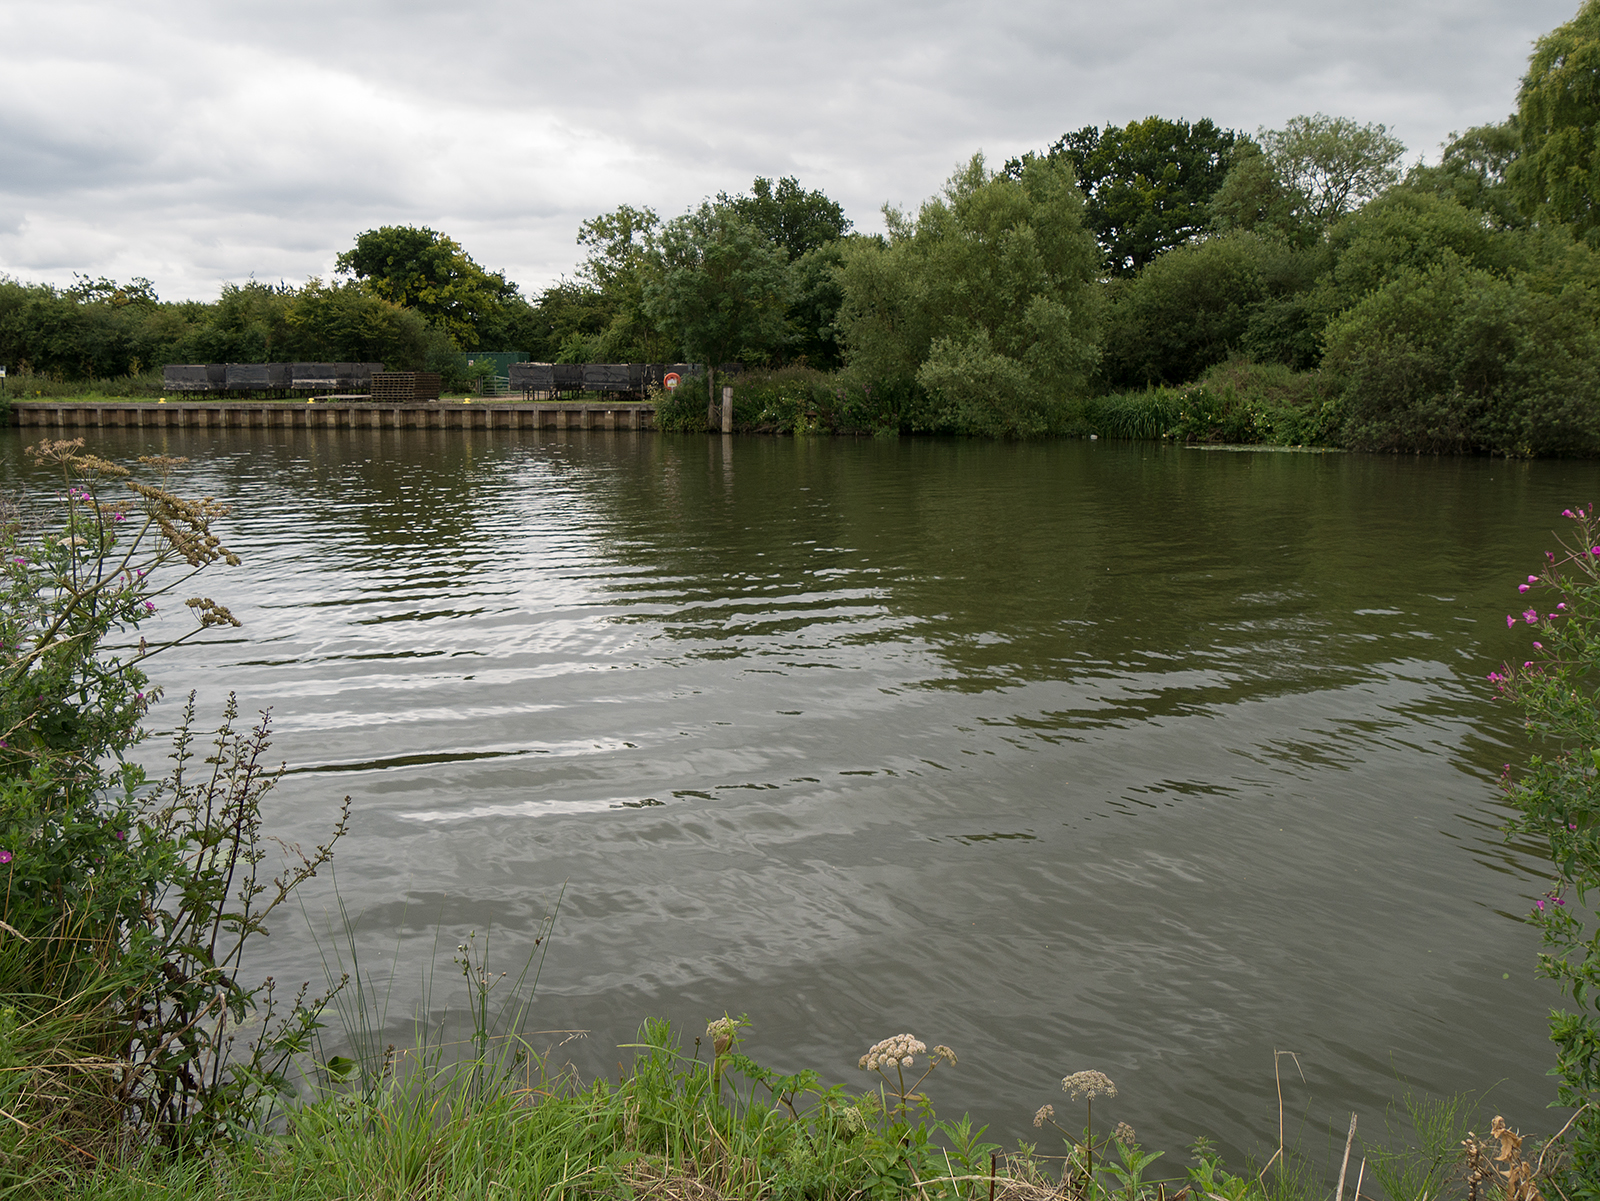 Aha - the River Thames!